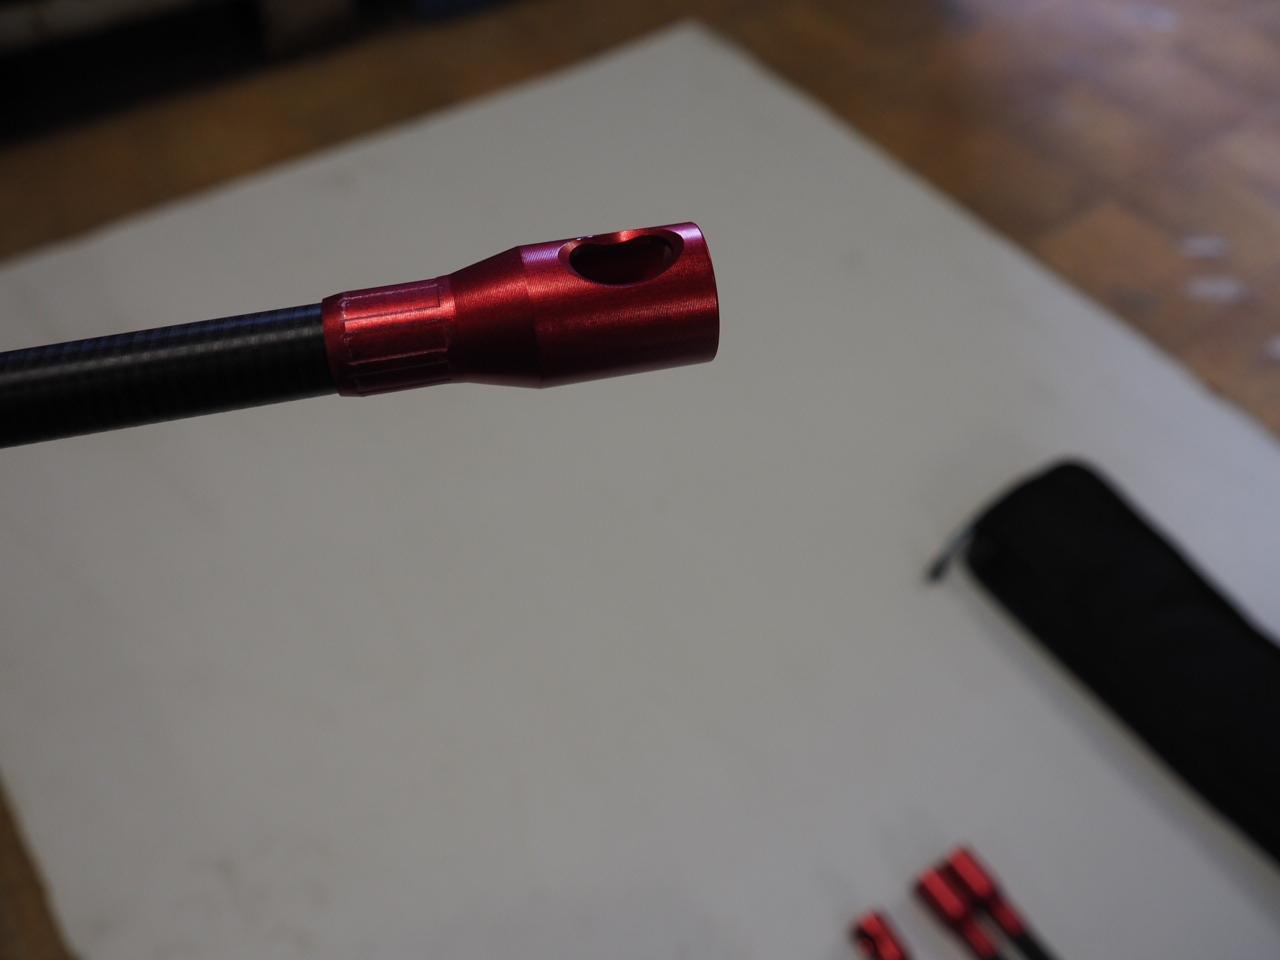 Erdbohrer für Leerrohr Glasfaser oder Kabel